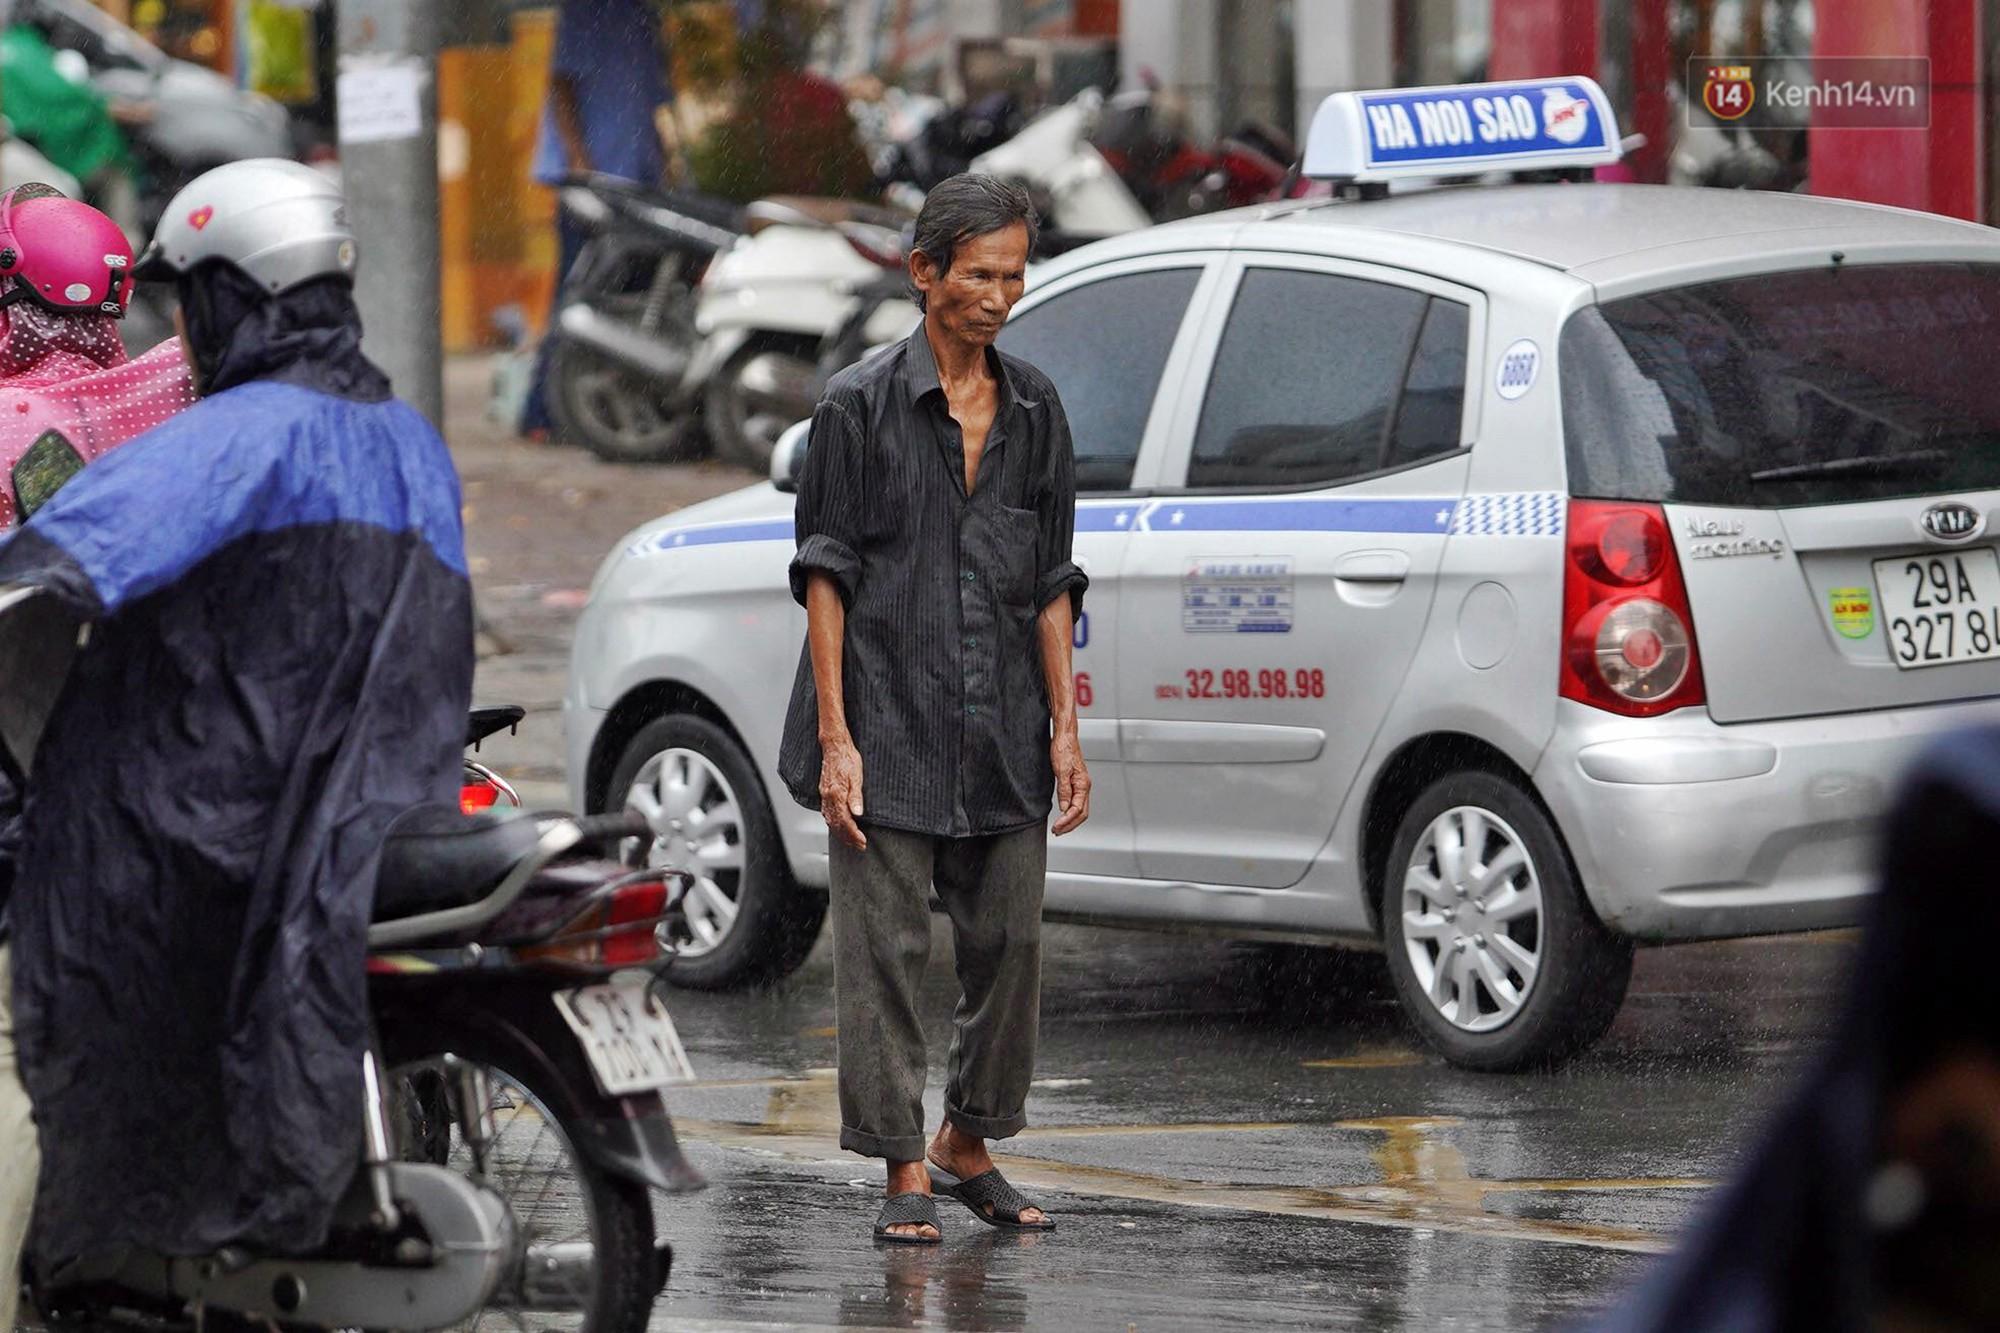 Hà Nội bắt đầu đổ mưa do ảnh hưởng của bão số 2, người dân chật vật lưu thông giờ tan tầm - Ảnh 6.